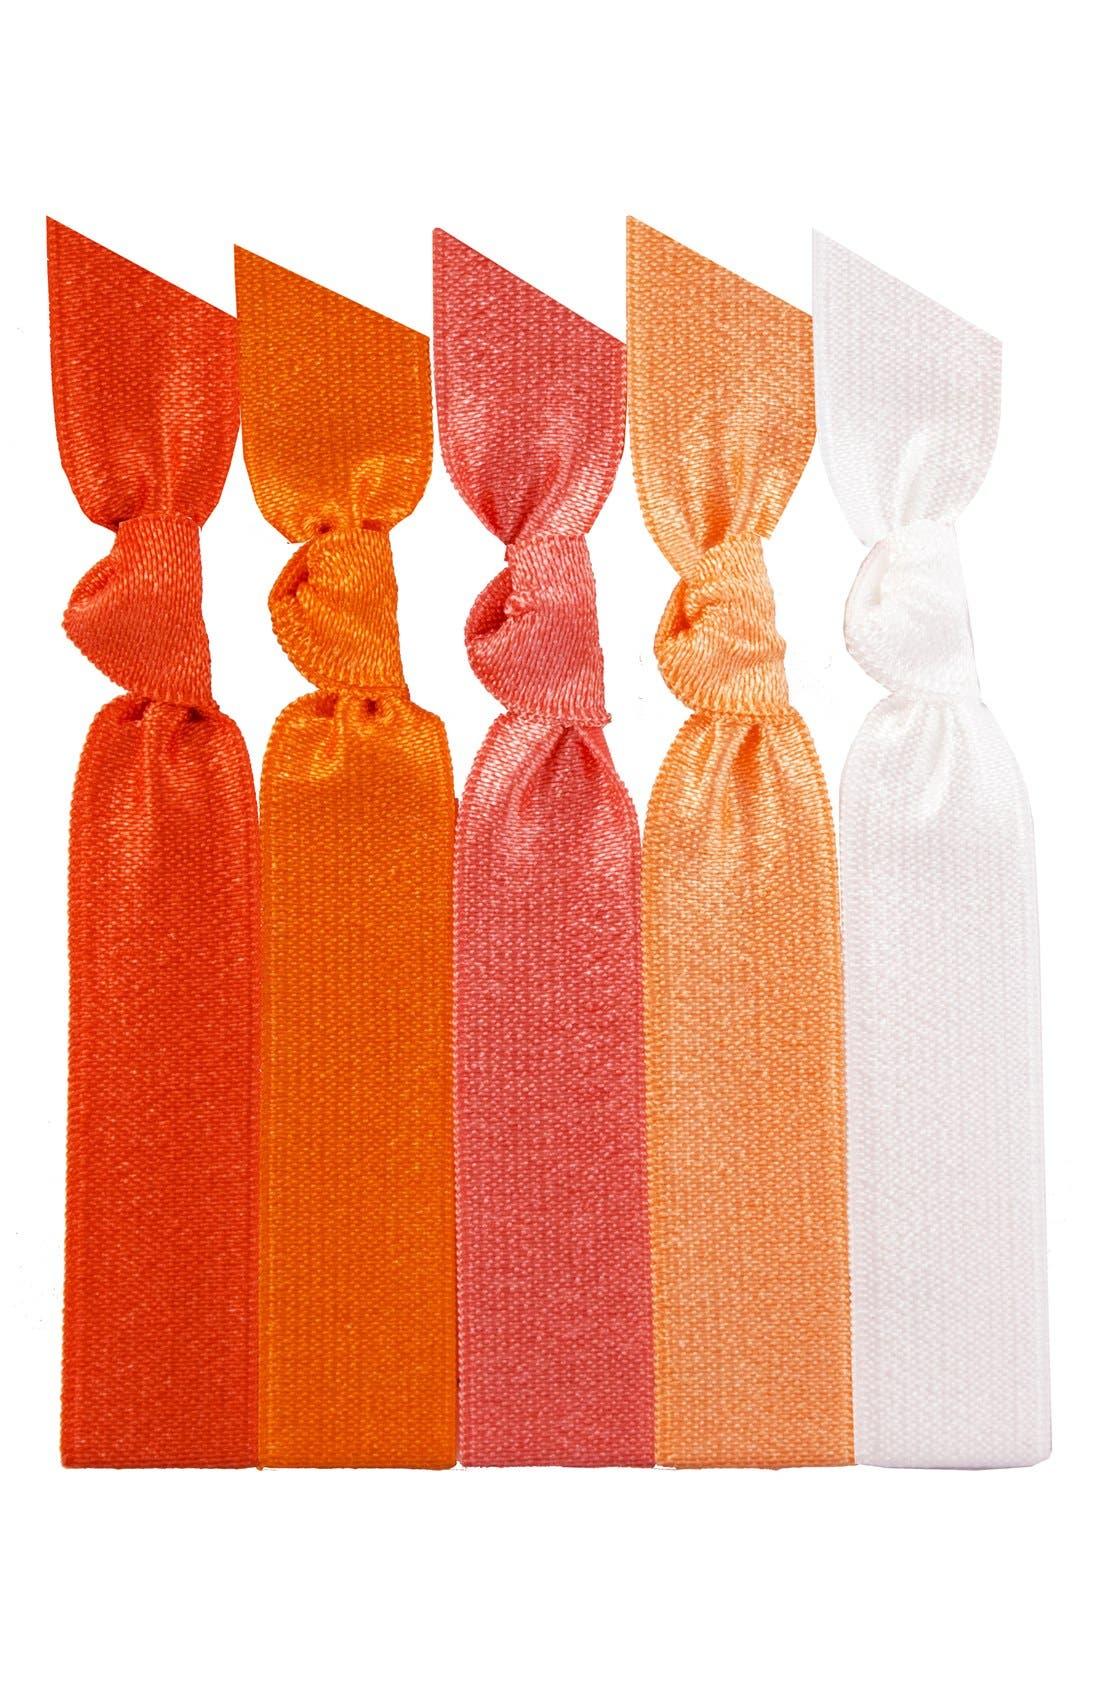 Main Image - Emi-Jay 'Orange Ombré' Hair Ties (5-Pack) ($10.80 Value) (Buy 2, Get 1)